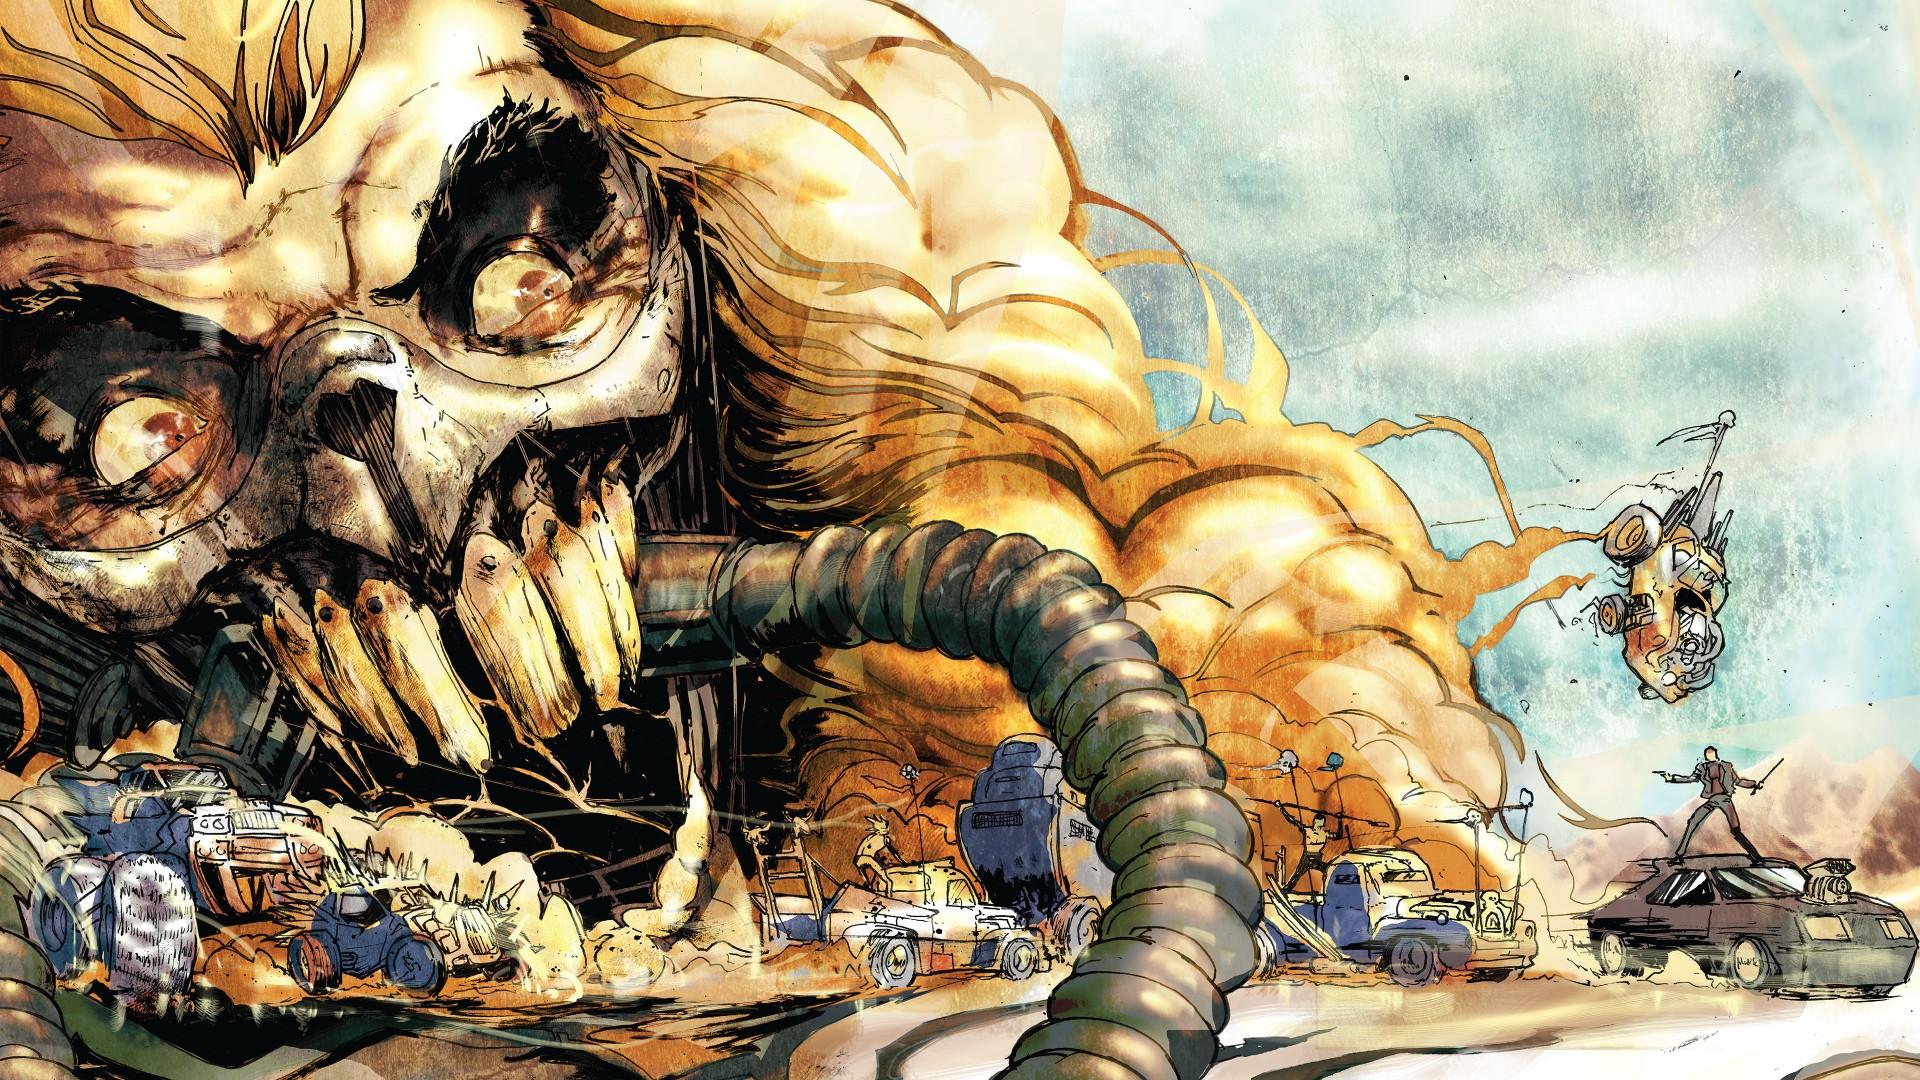 Mad Max Fury Immortan Joe 1920x1080 Px